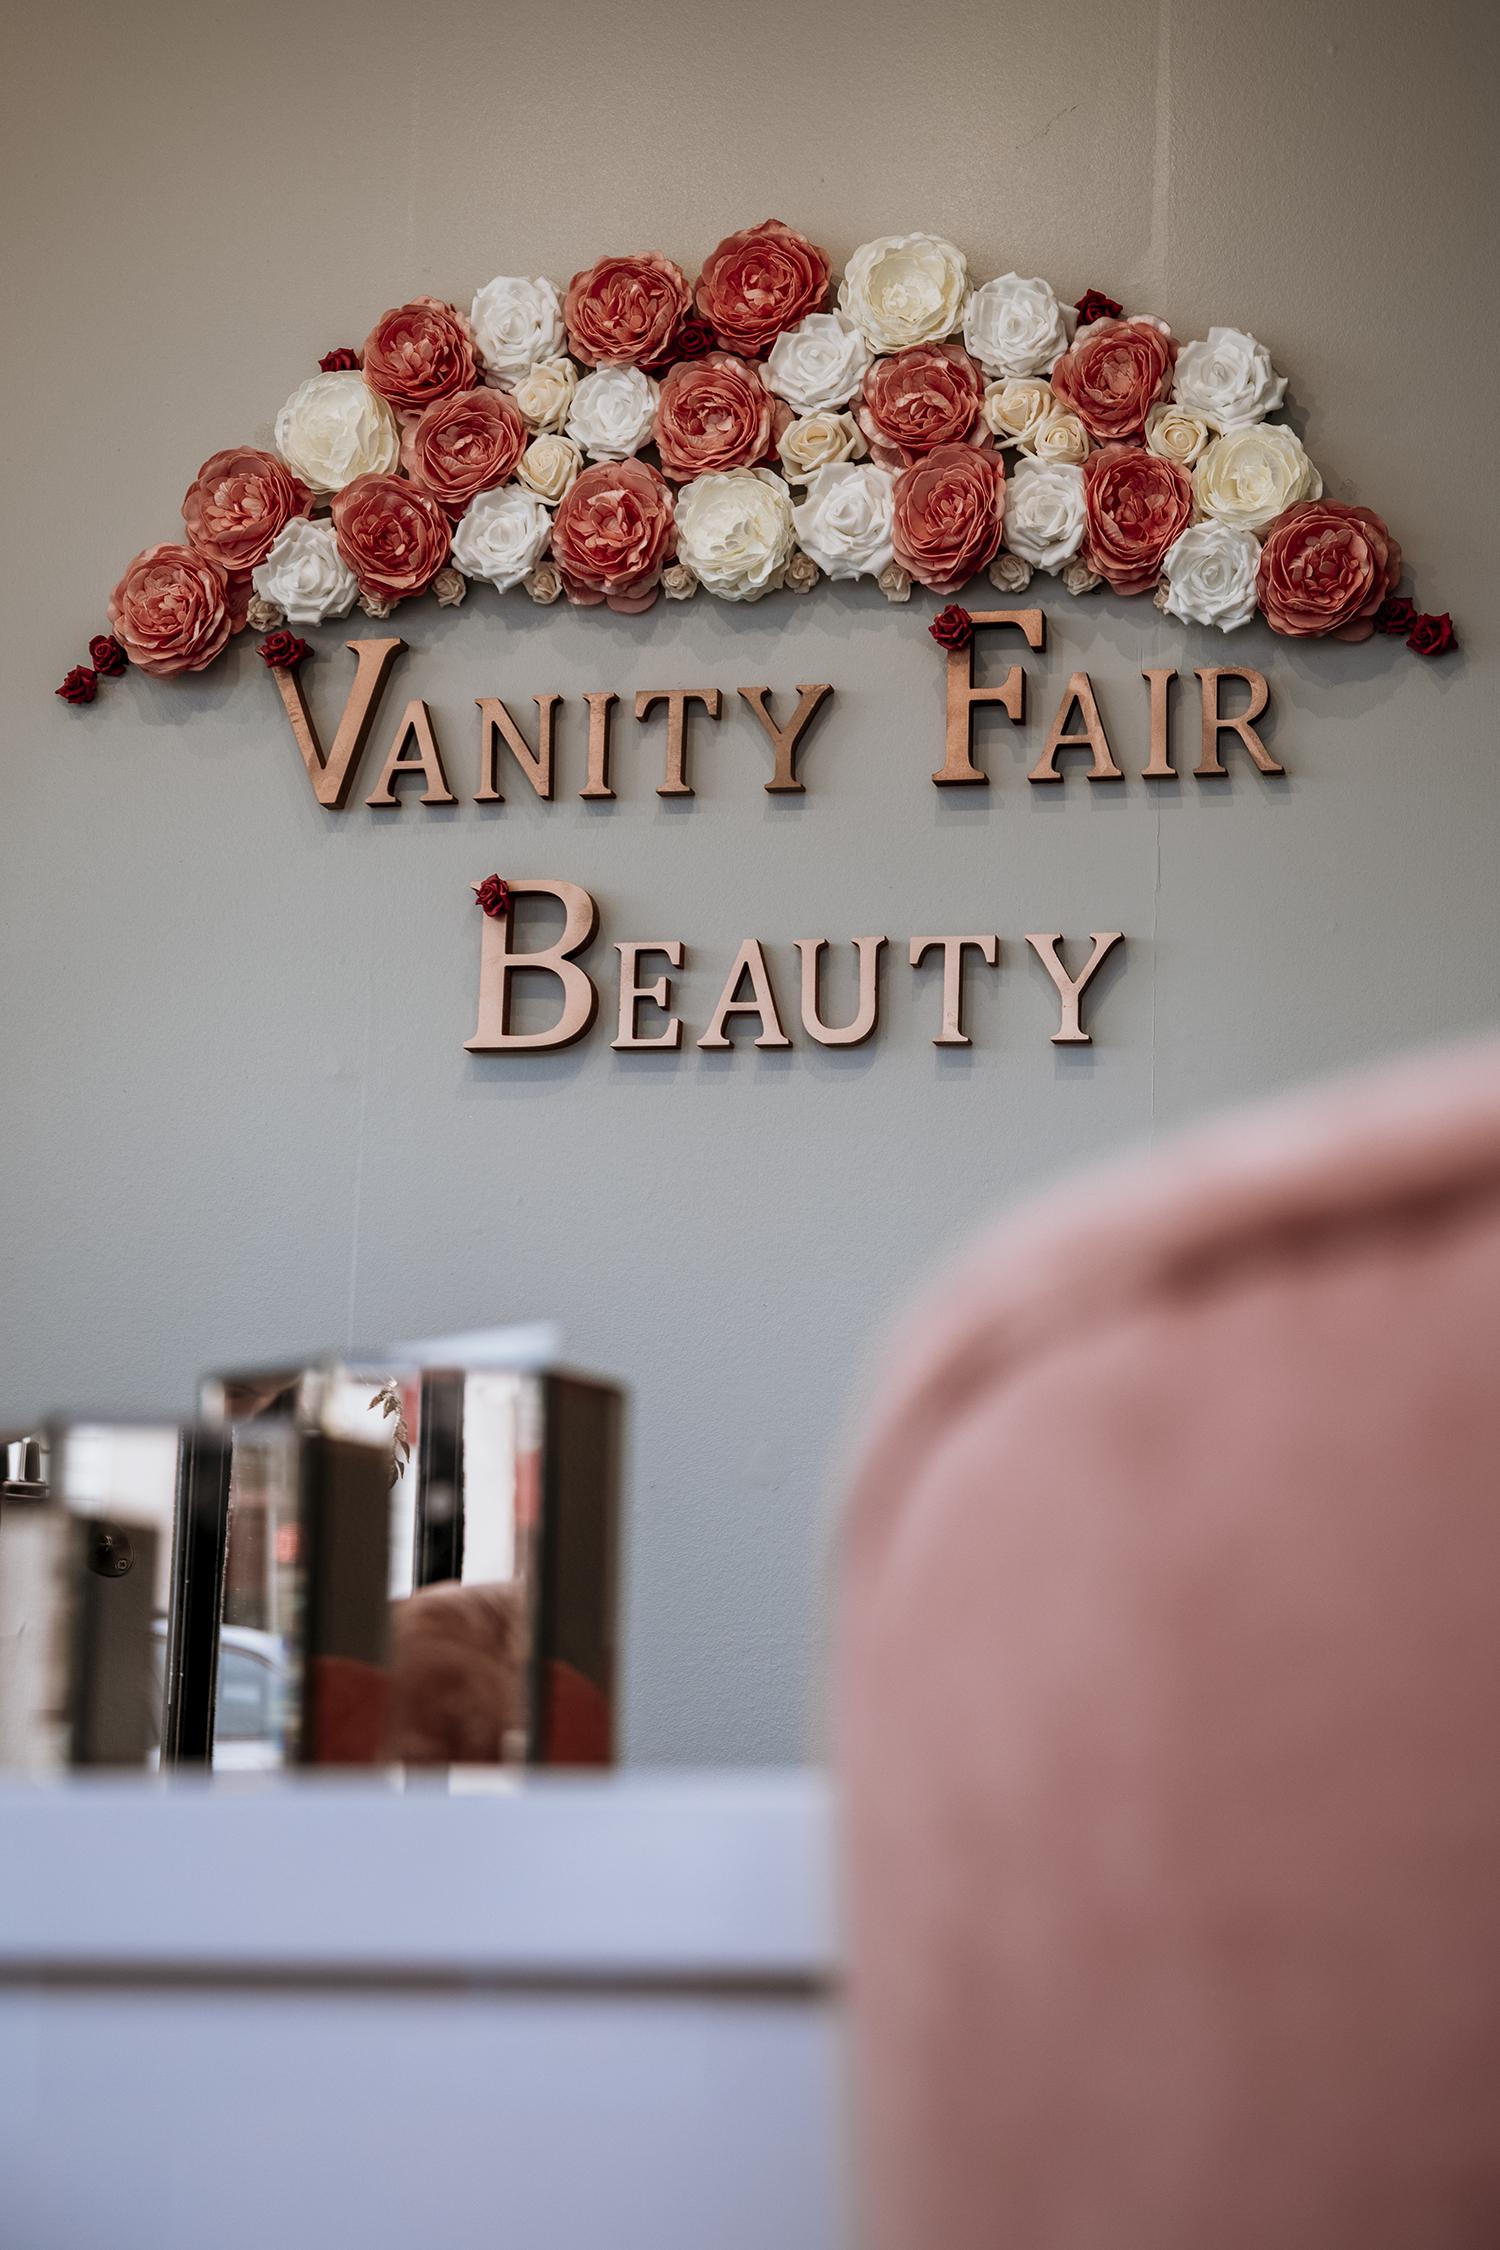 VanityFairSalon_008.jpg